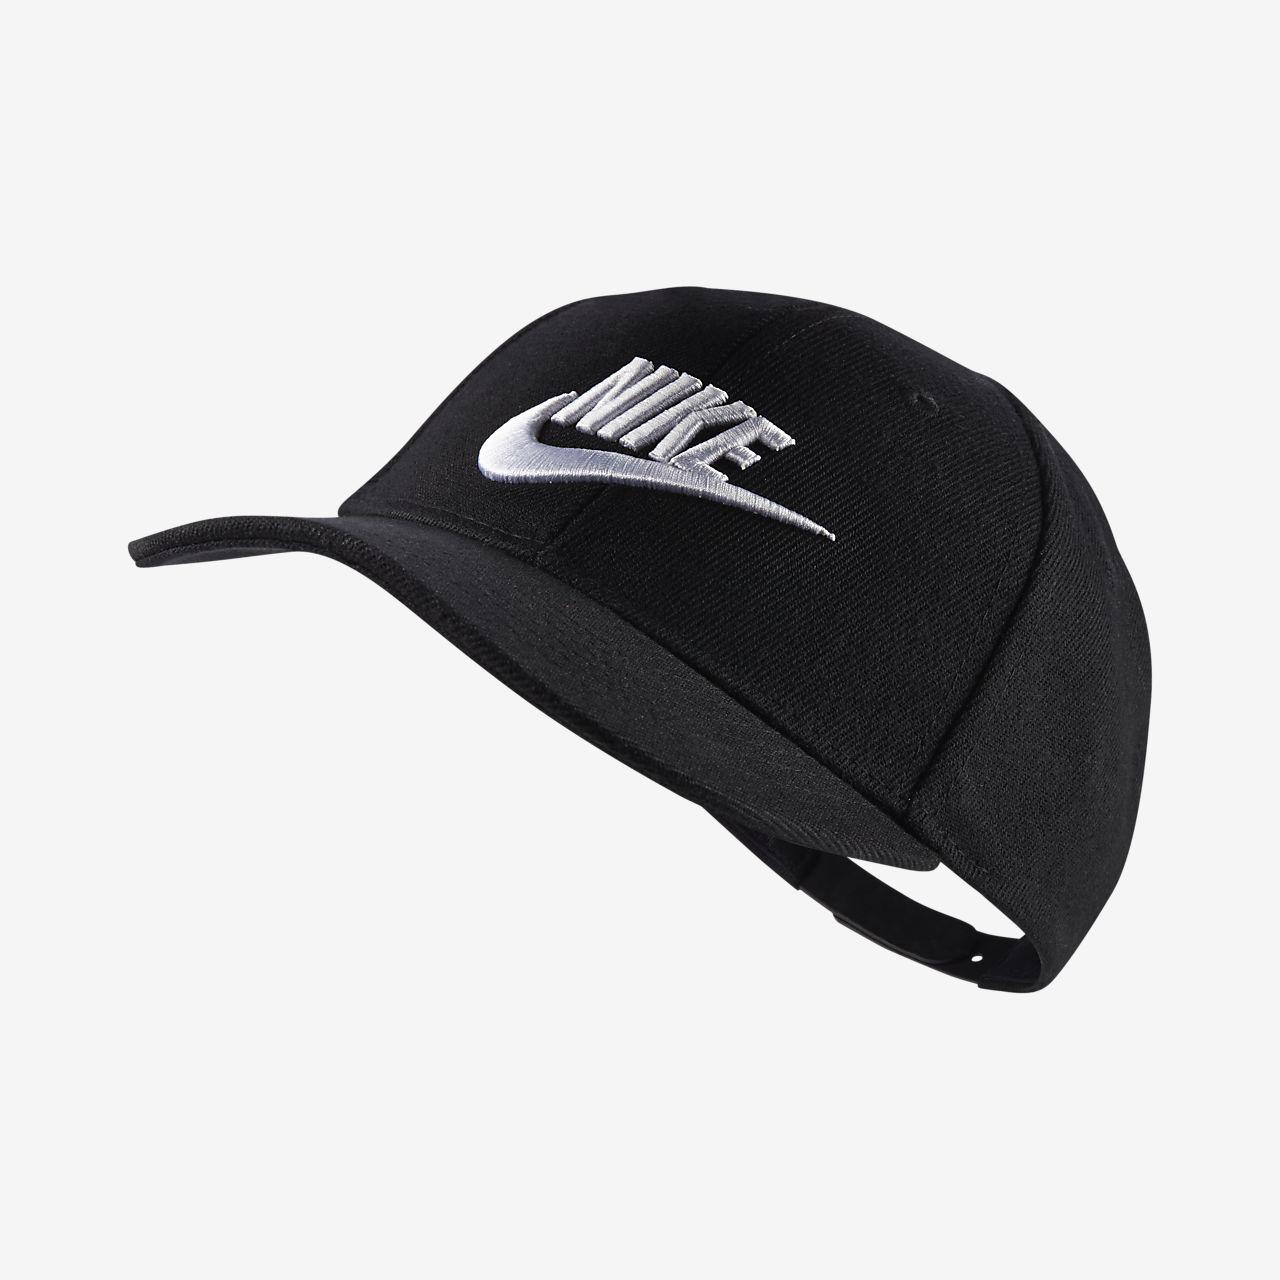 d6b89652aab86 Nike True Limitless Kids  Adjustable Hat. Nike.com CZ